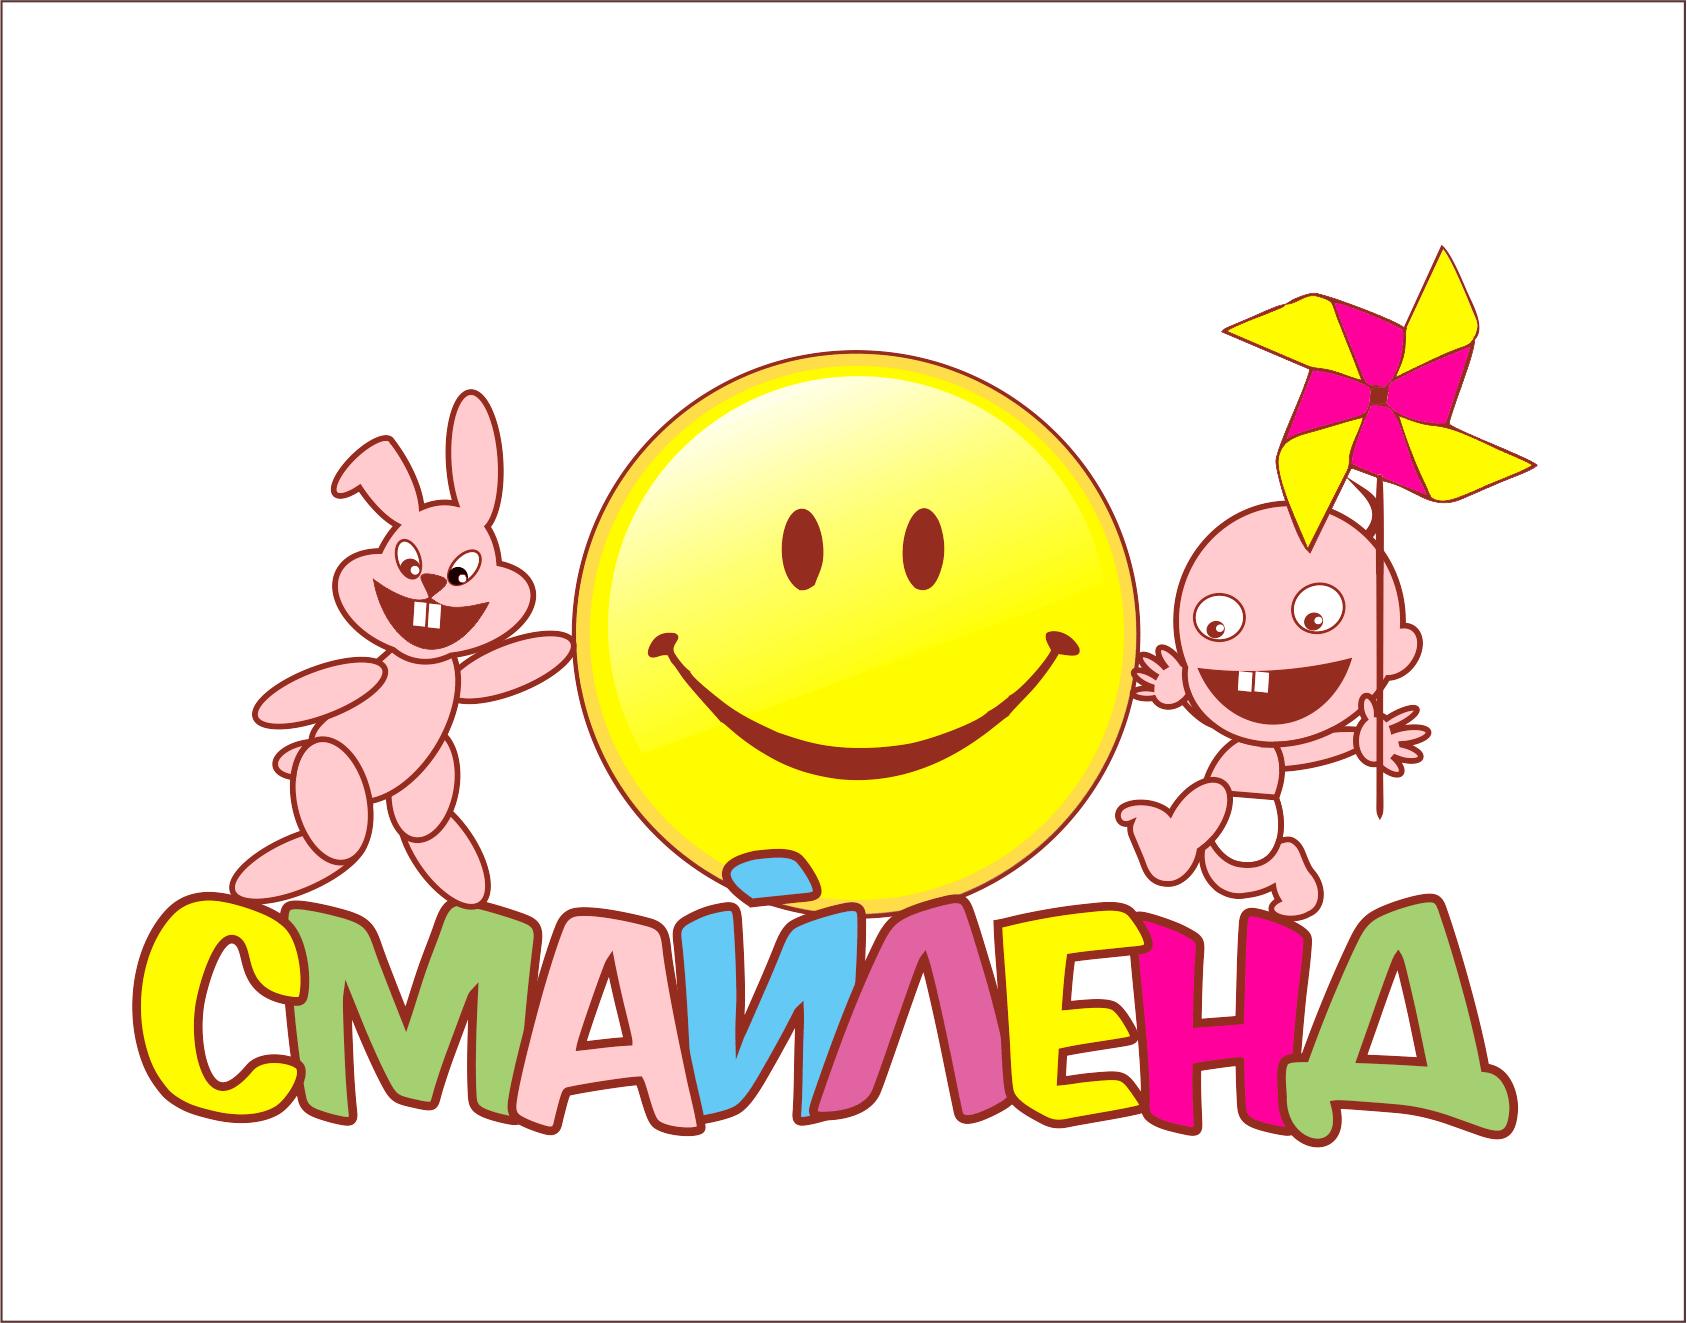 Логотип, стиль для детского игрового центра. фото f_6555a449a2635e9d.png